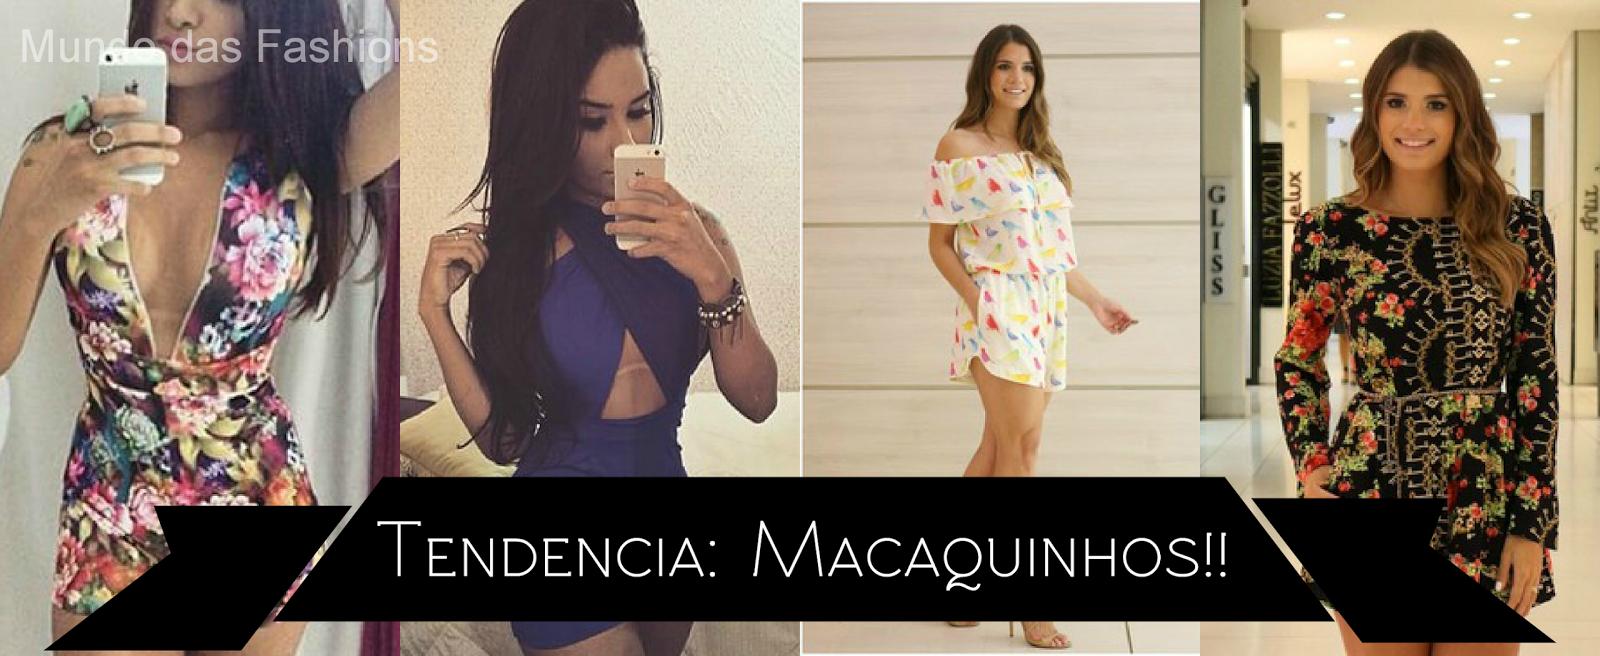 #tendencia,#macaquinhos,#tendenciamacaquinhos,#estaemalta